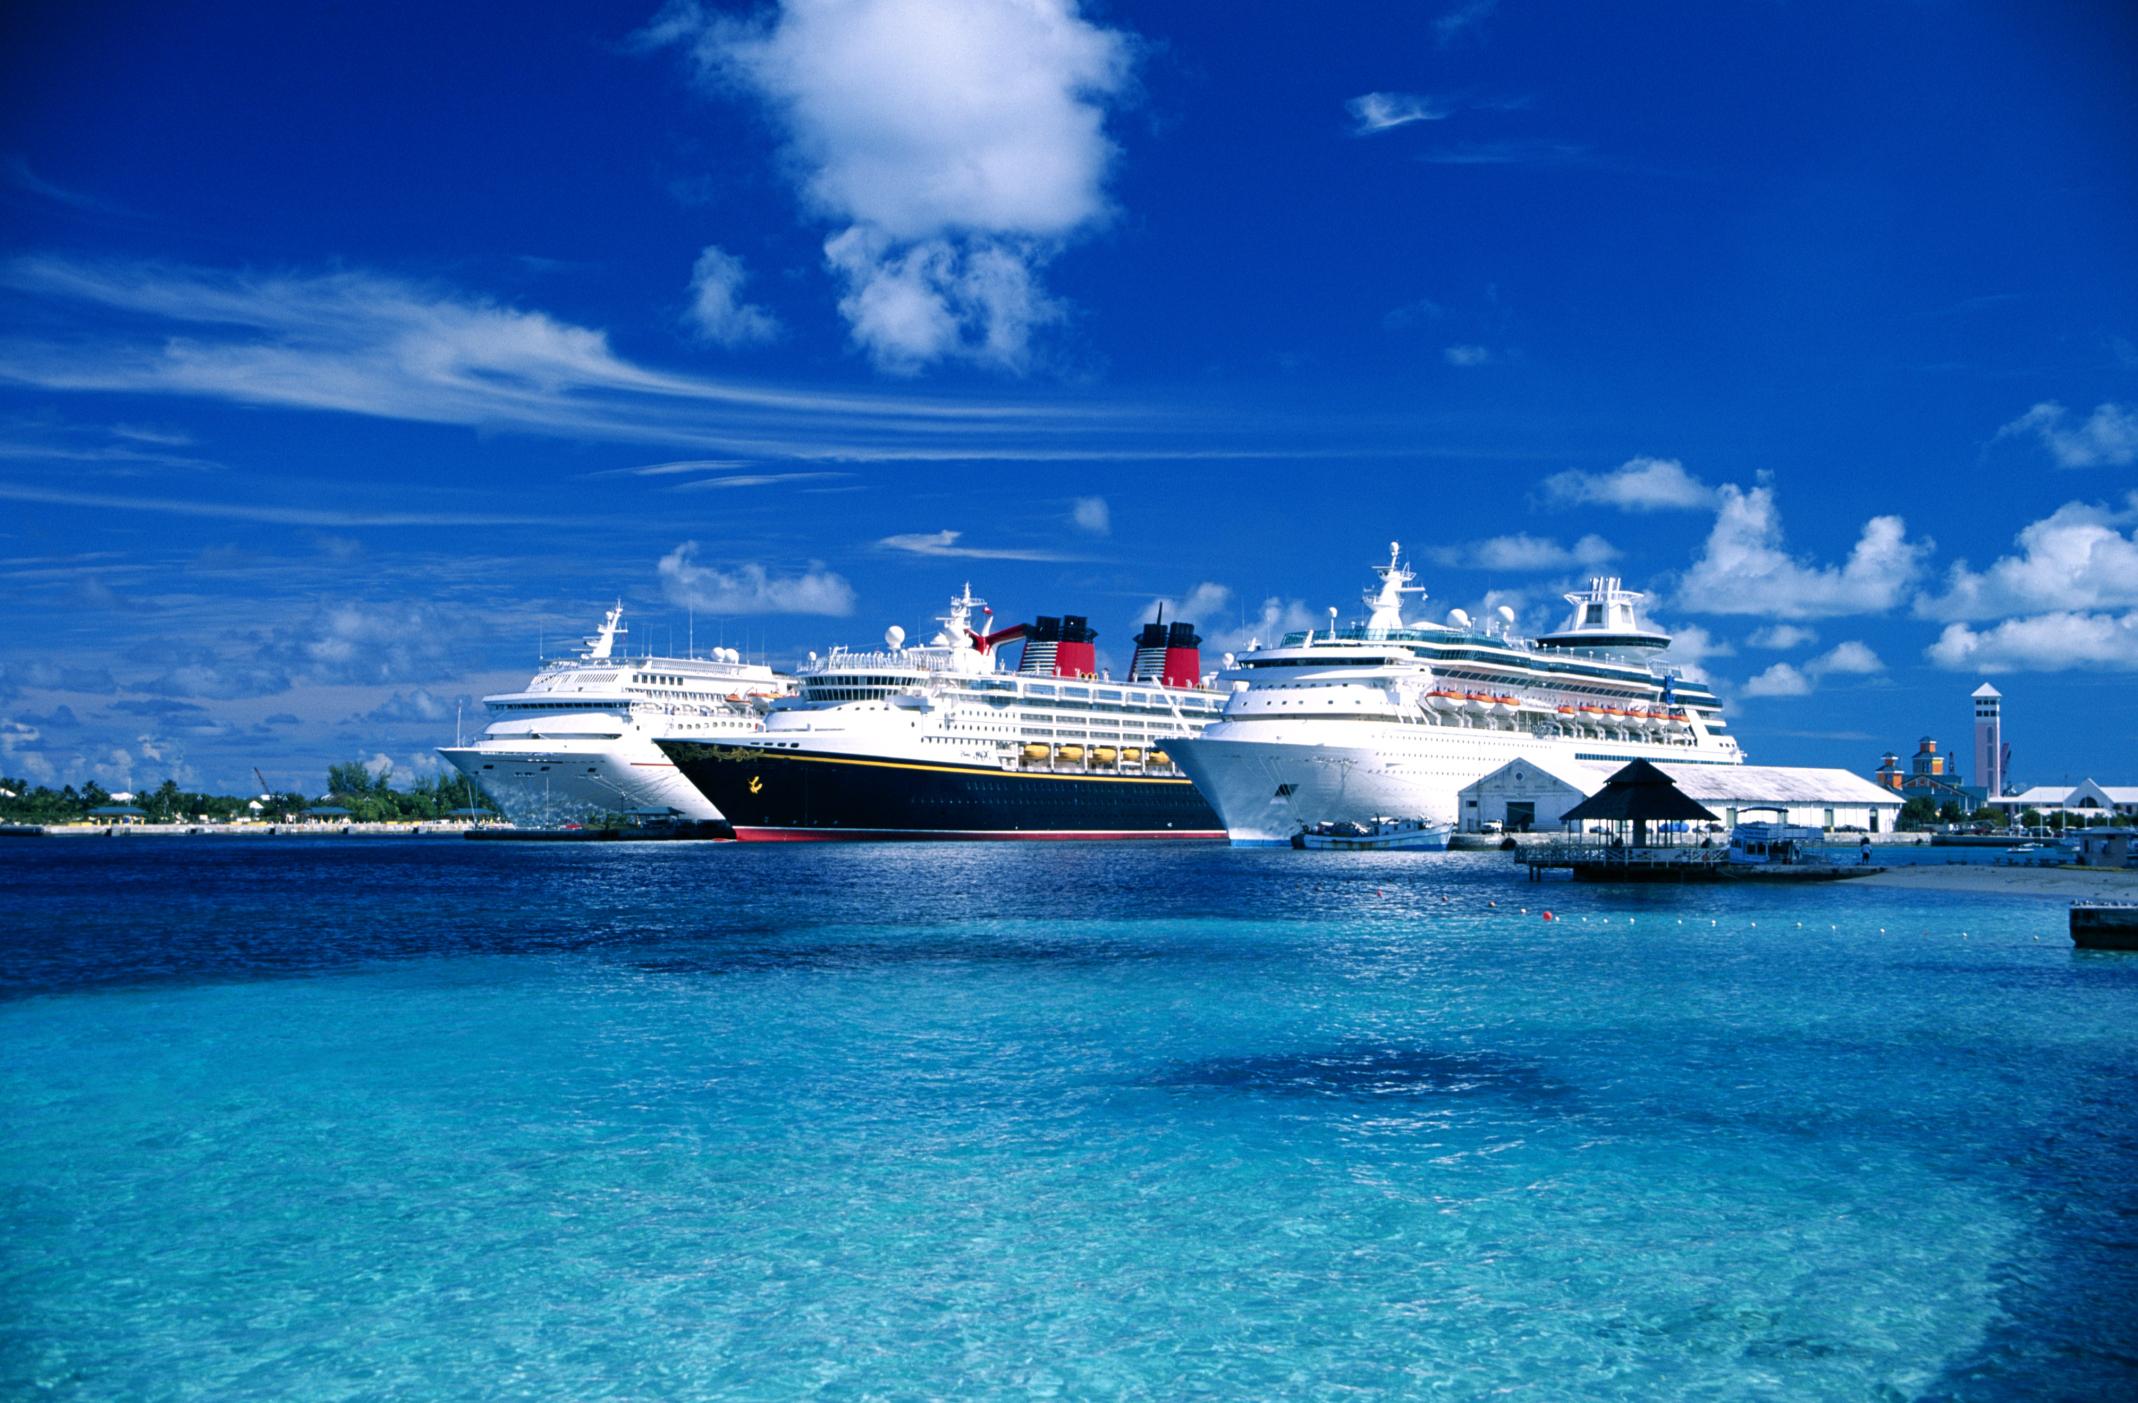 2 Day Cruises To Nassau, Bahamas With Tours To Atlantis